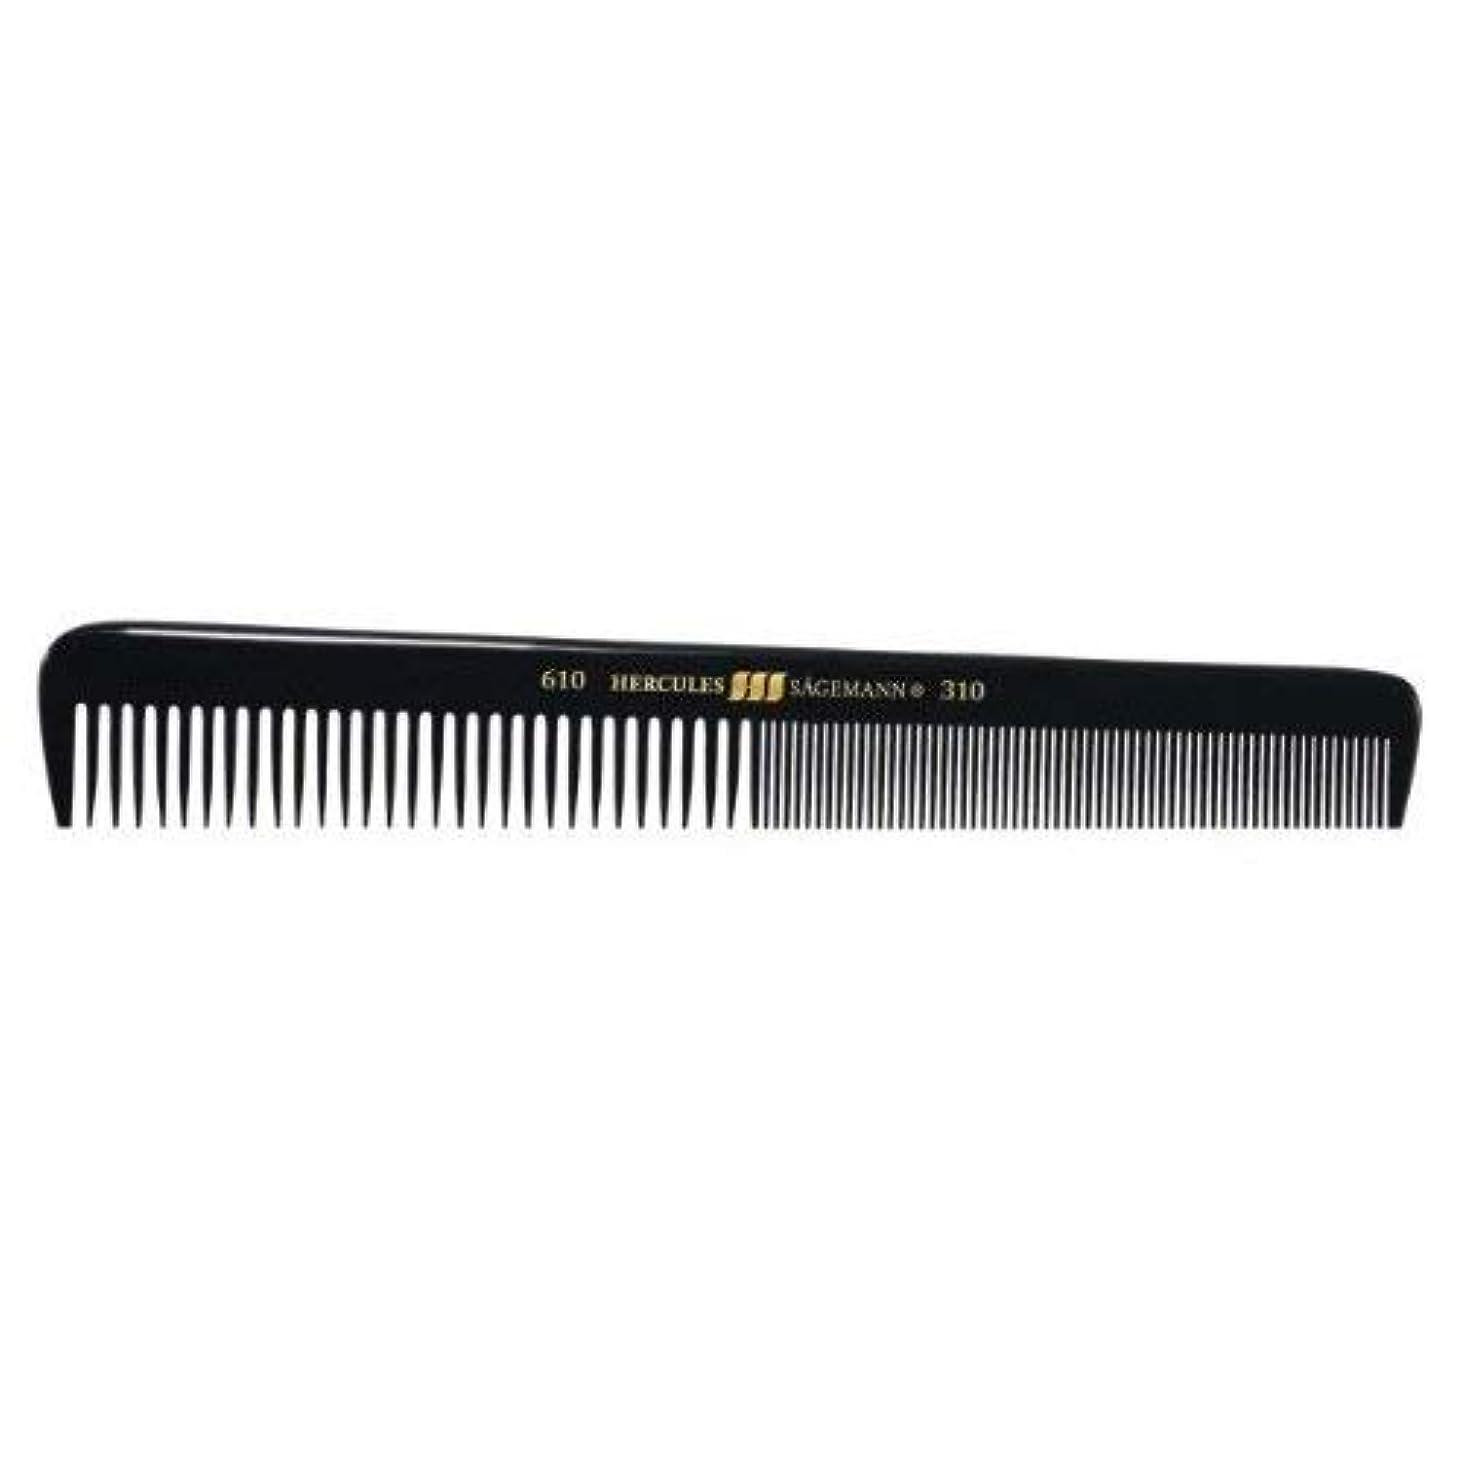 とげのあるためらうランドリーHercules S?gemann Gents Comb for short hair | Ebonite - Made in Germany [並行輸入品]